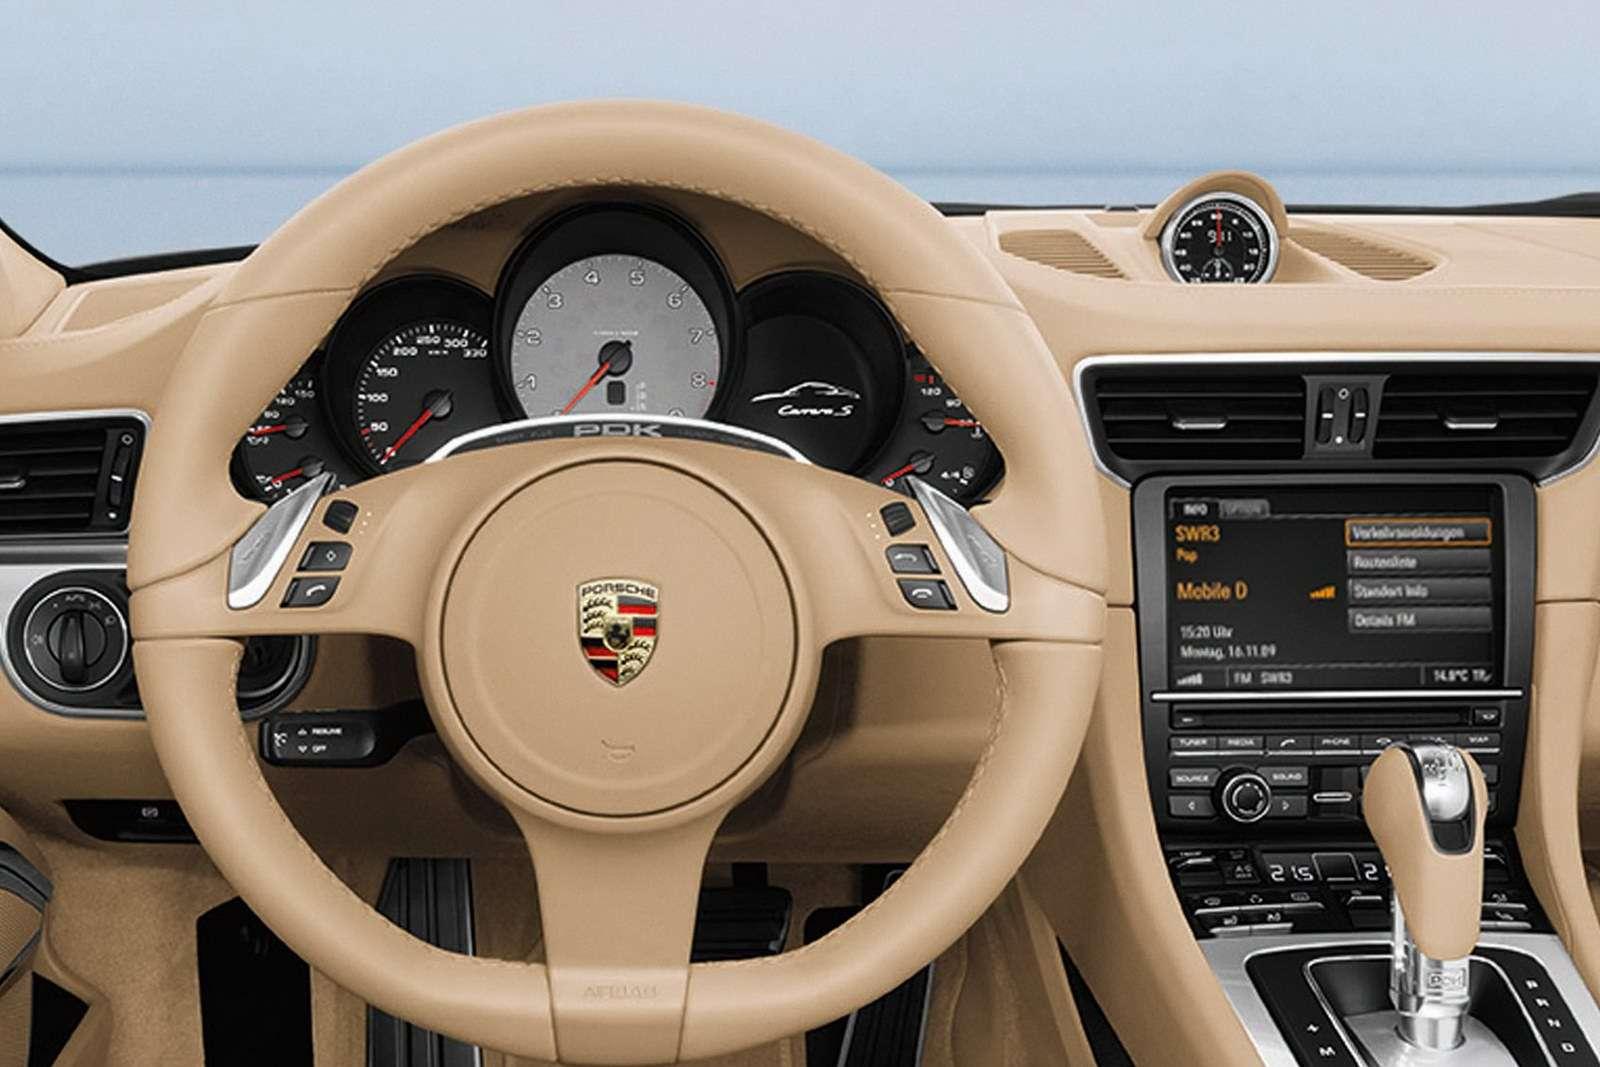 Nowe Porsche 911 991 oficjalnie fot sierpien 2011